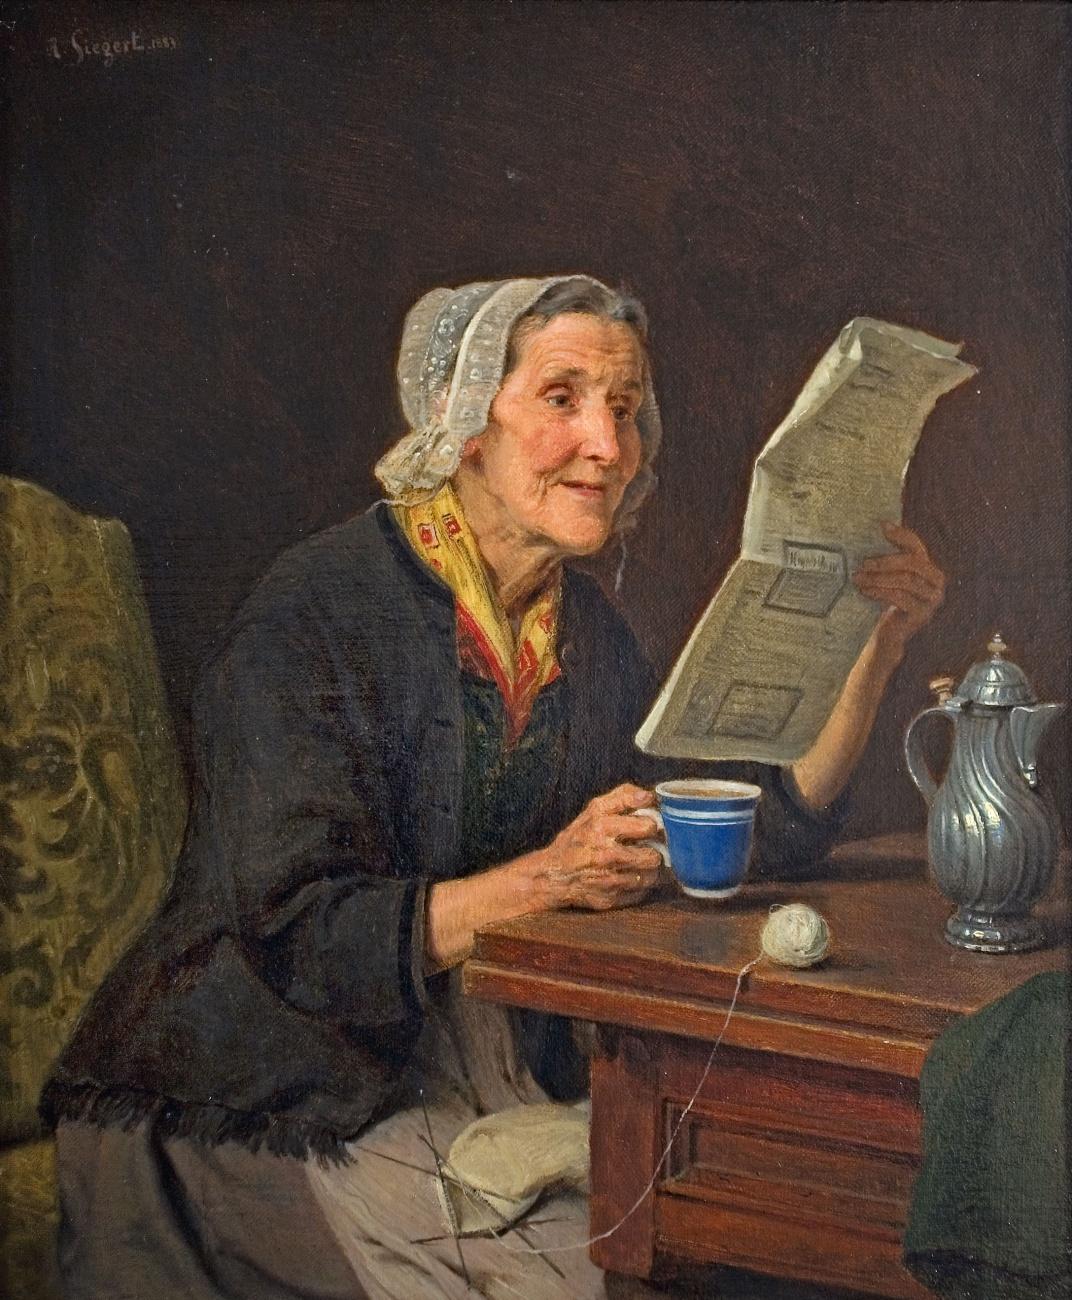 https://upload.wikimedia.org/wikipedia/commons/9/99/August_Friedrich_Siegert_%E2%80%93_Alte_Frau_mit_Zeitung_und_Kaffeetasse_1883.jpg